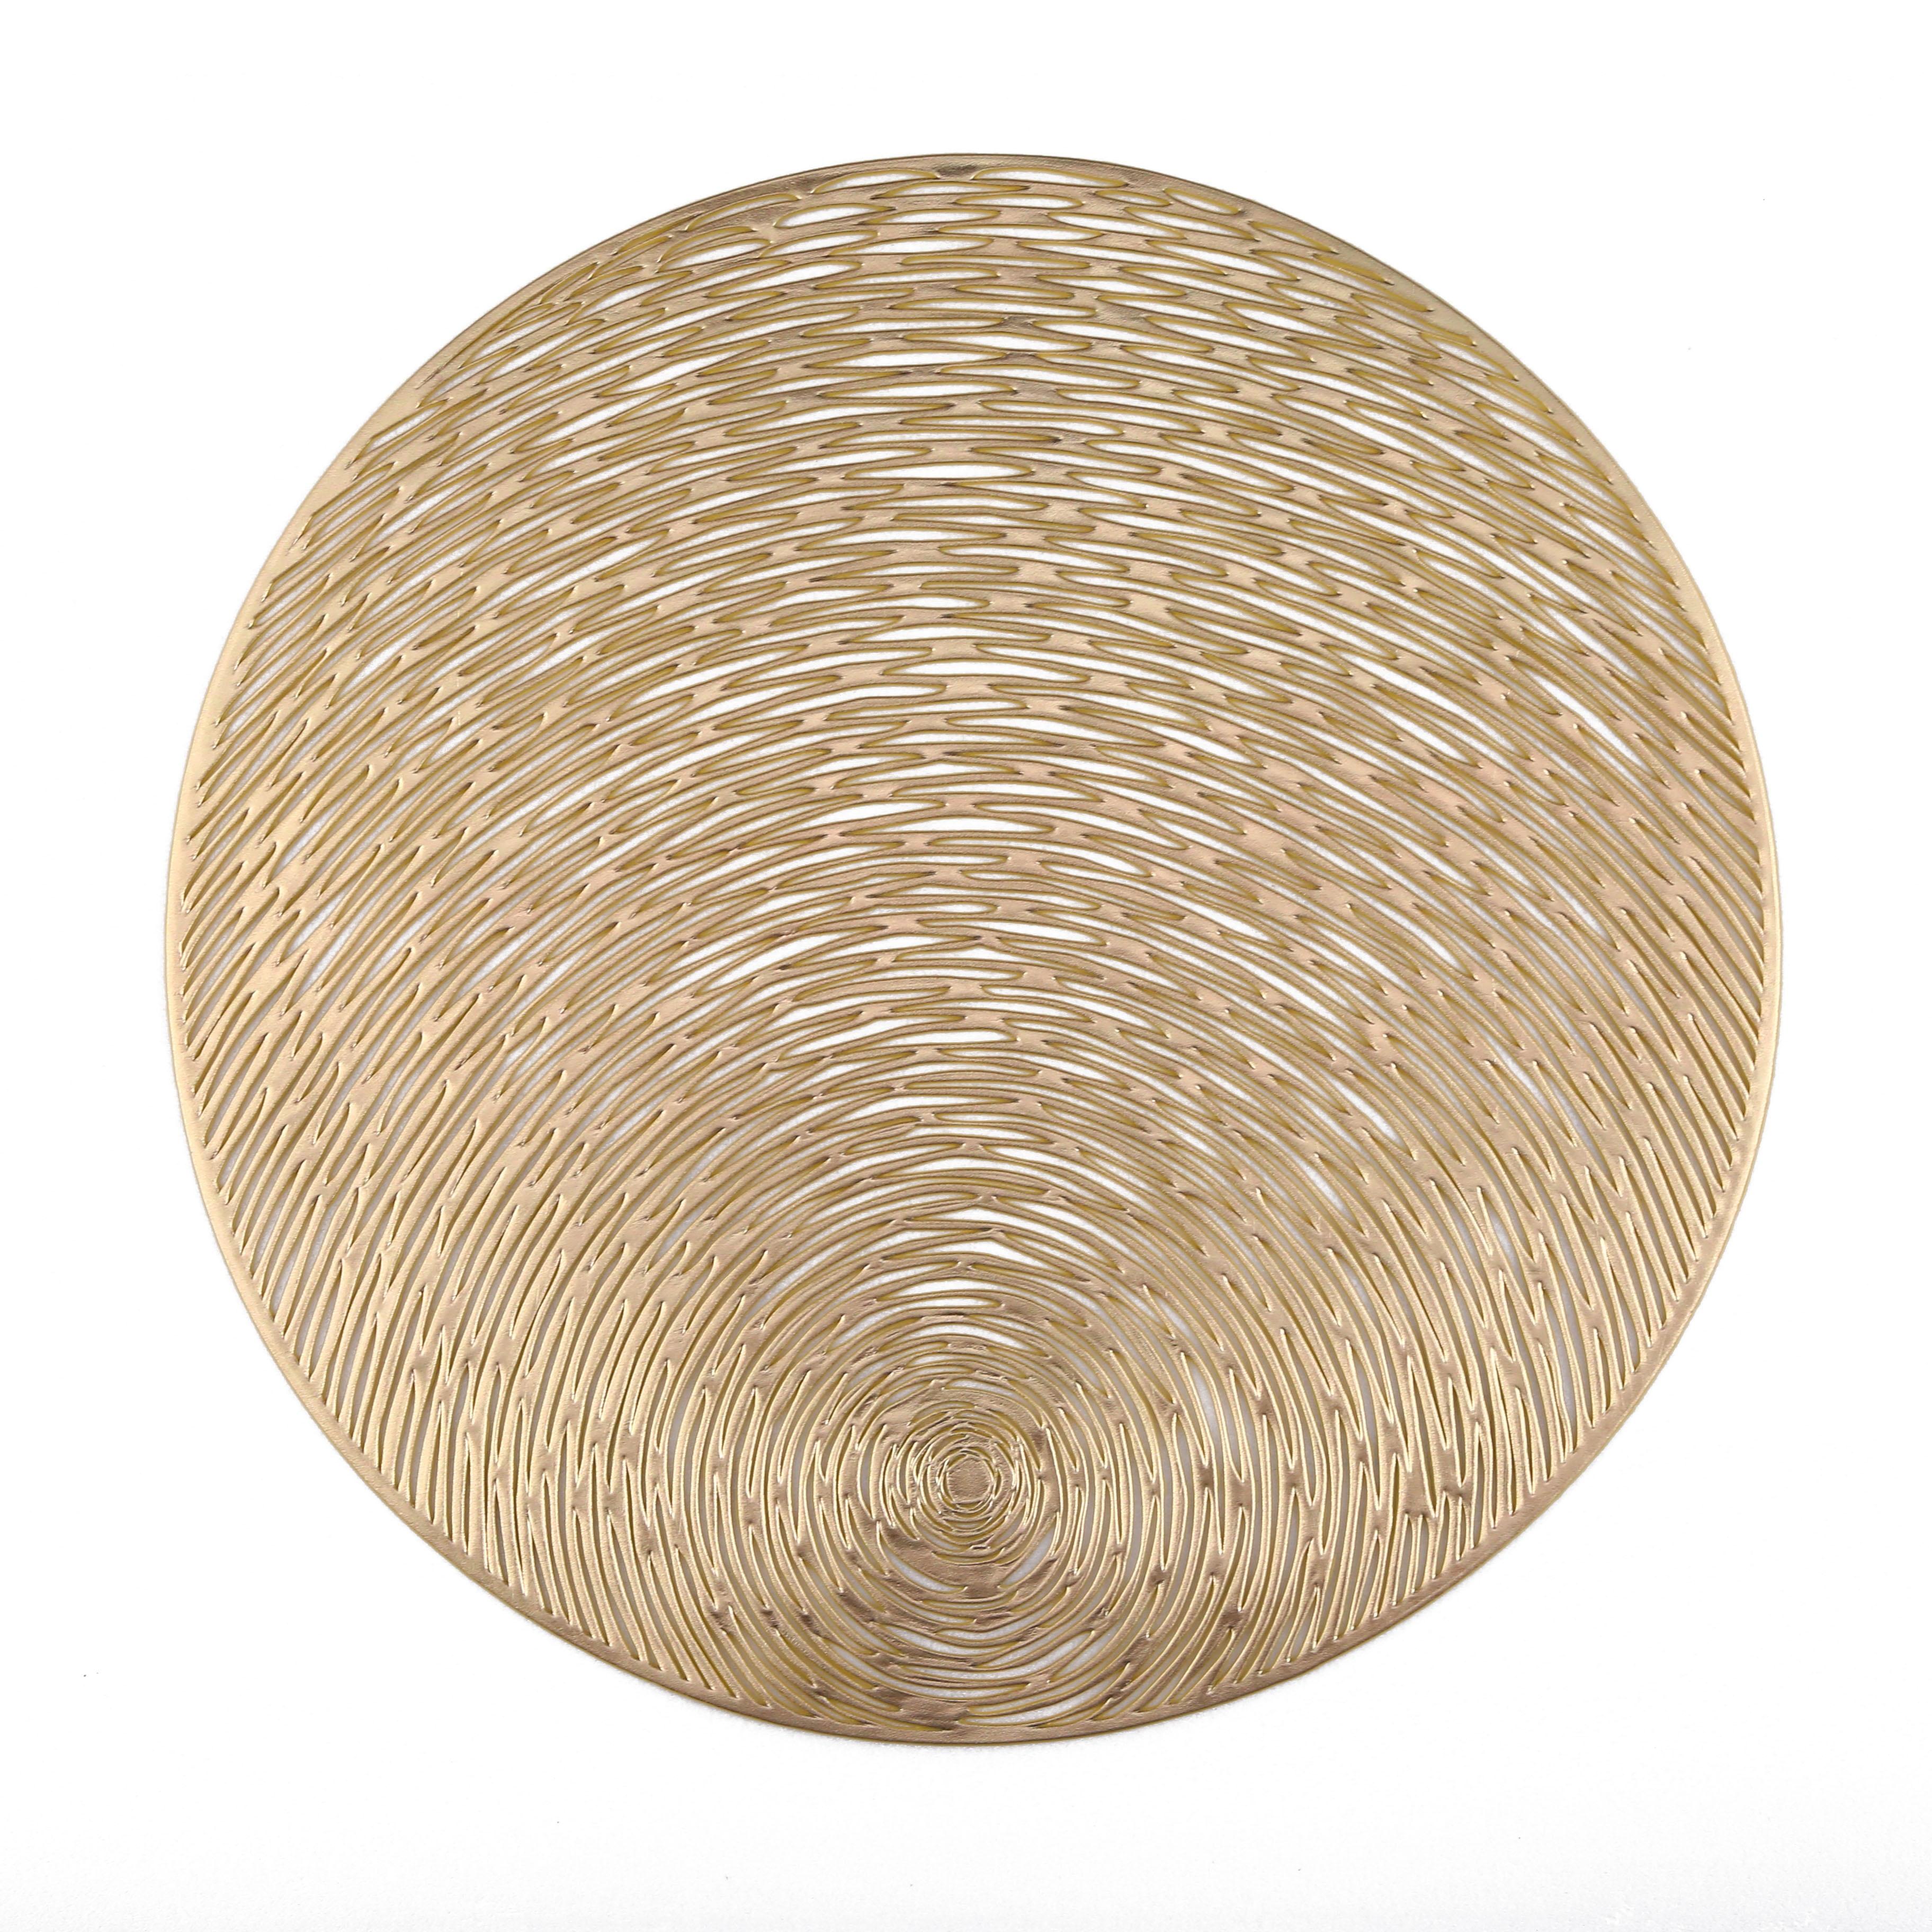 В наличии, золотой экологически чистый коврик из ПВХ круглой формы для украшения